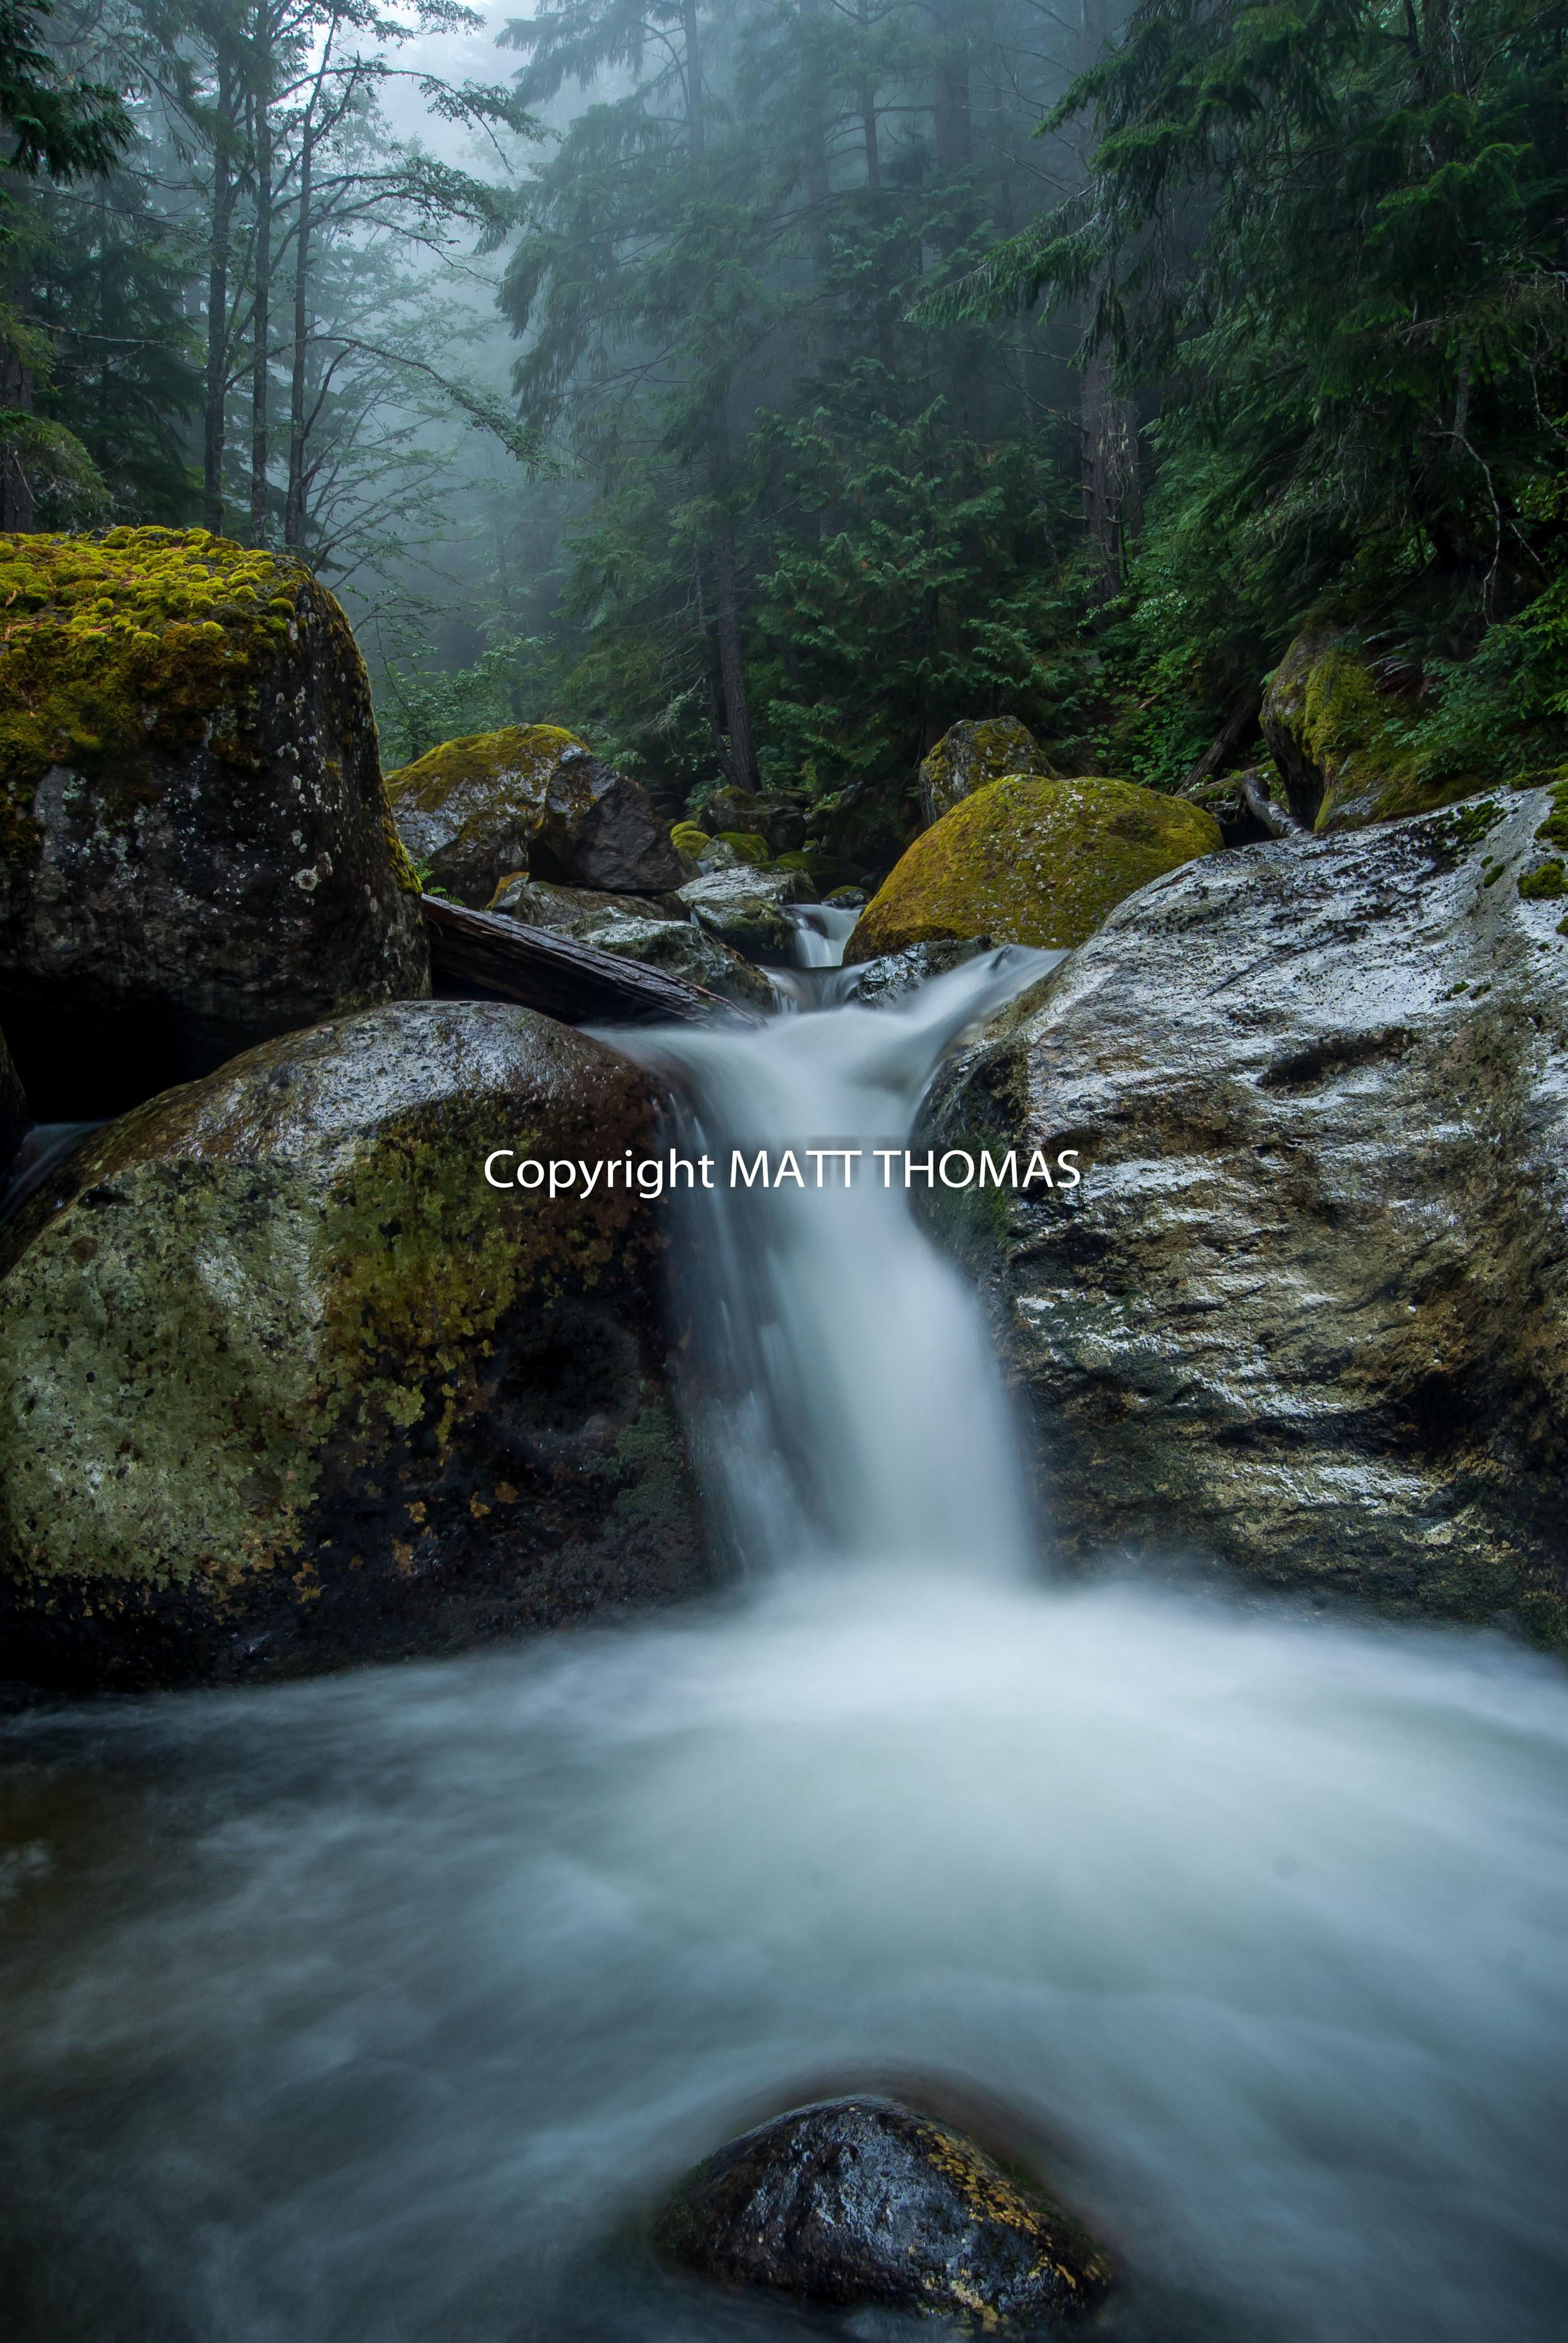 Nickel Creek - Mt. Rainier N.P.